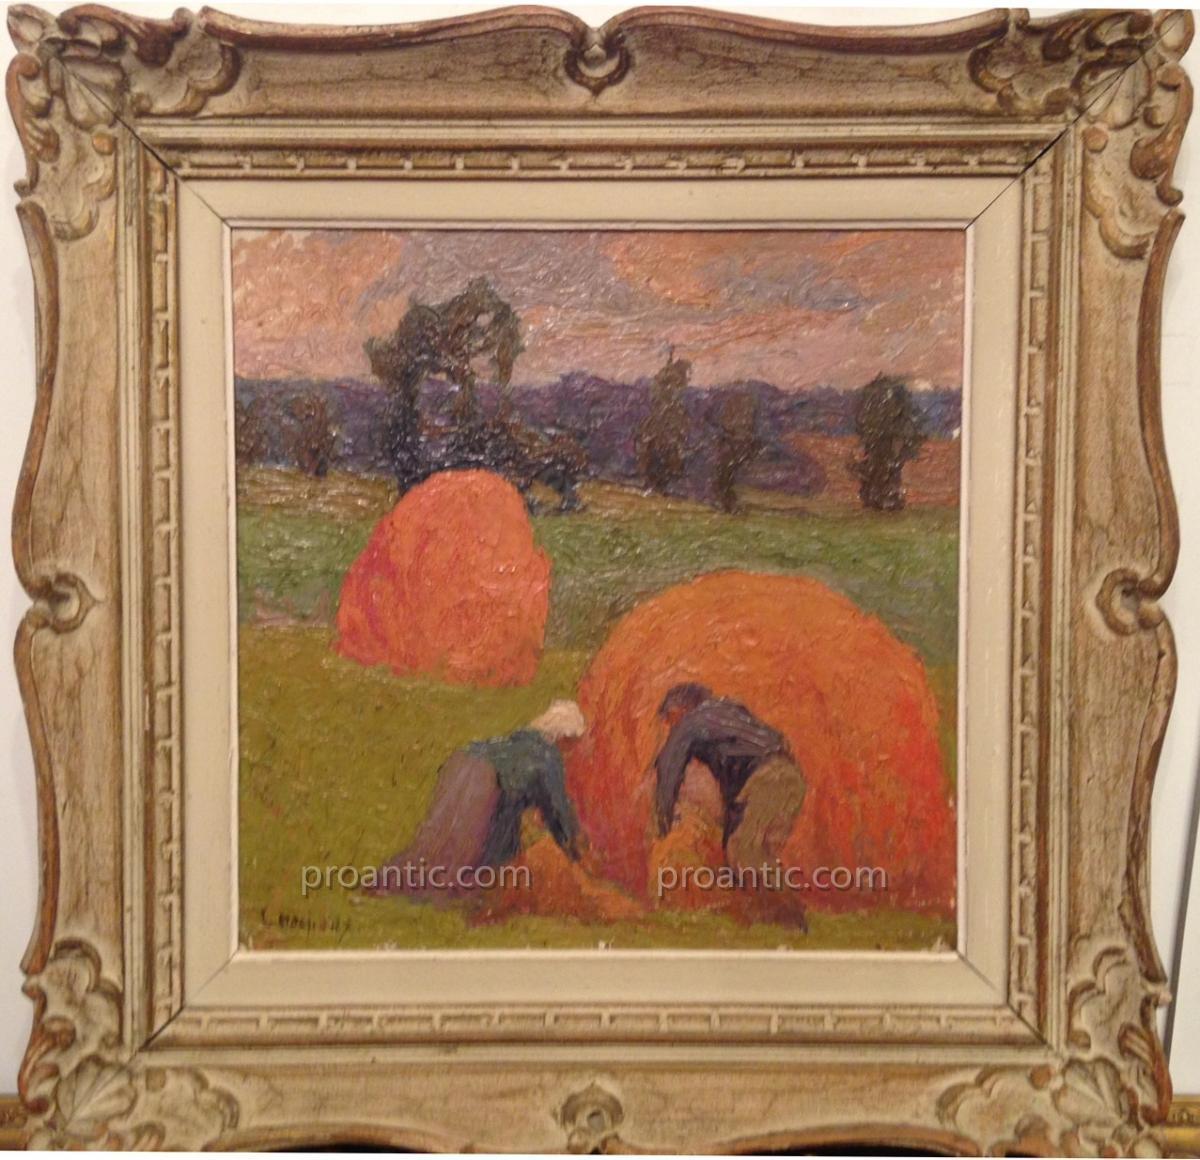 Peintres Ecole De Rouen marcel Émile couchaux (1877-1939) ecole de rouen - tableaux